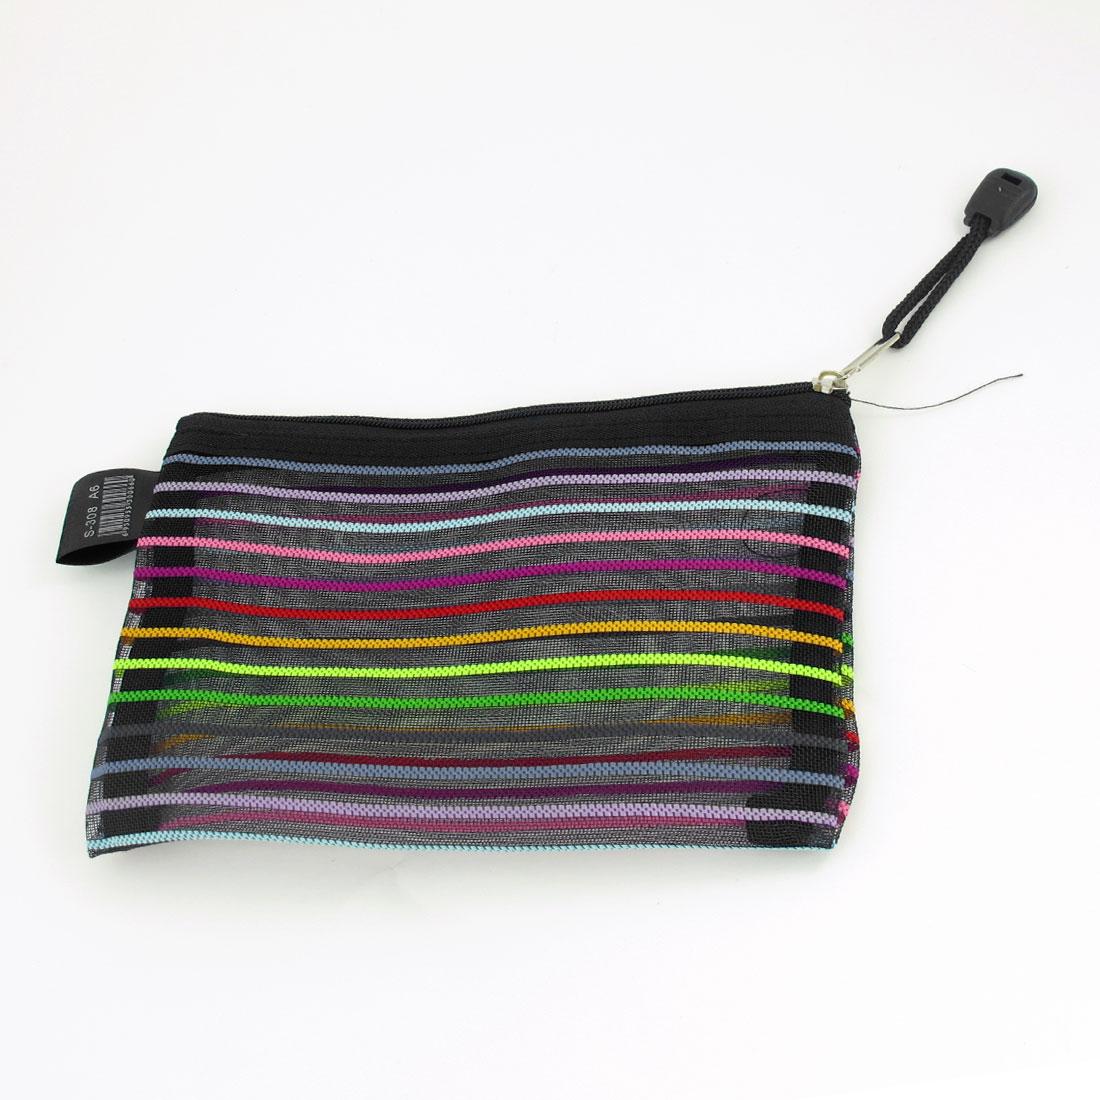 Zip up Multicolored Stripes Black Stationery File Bag Pocket